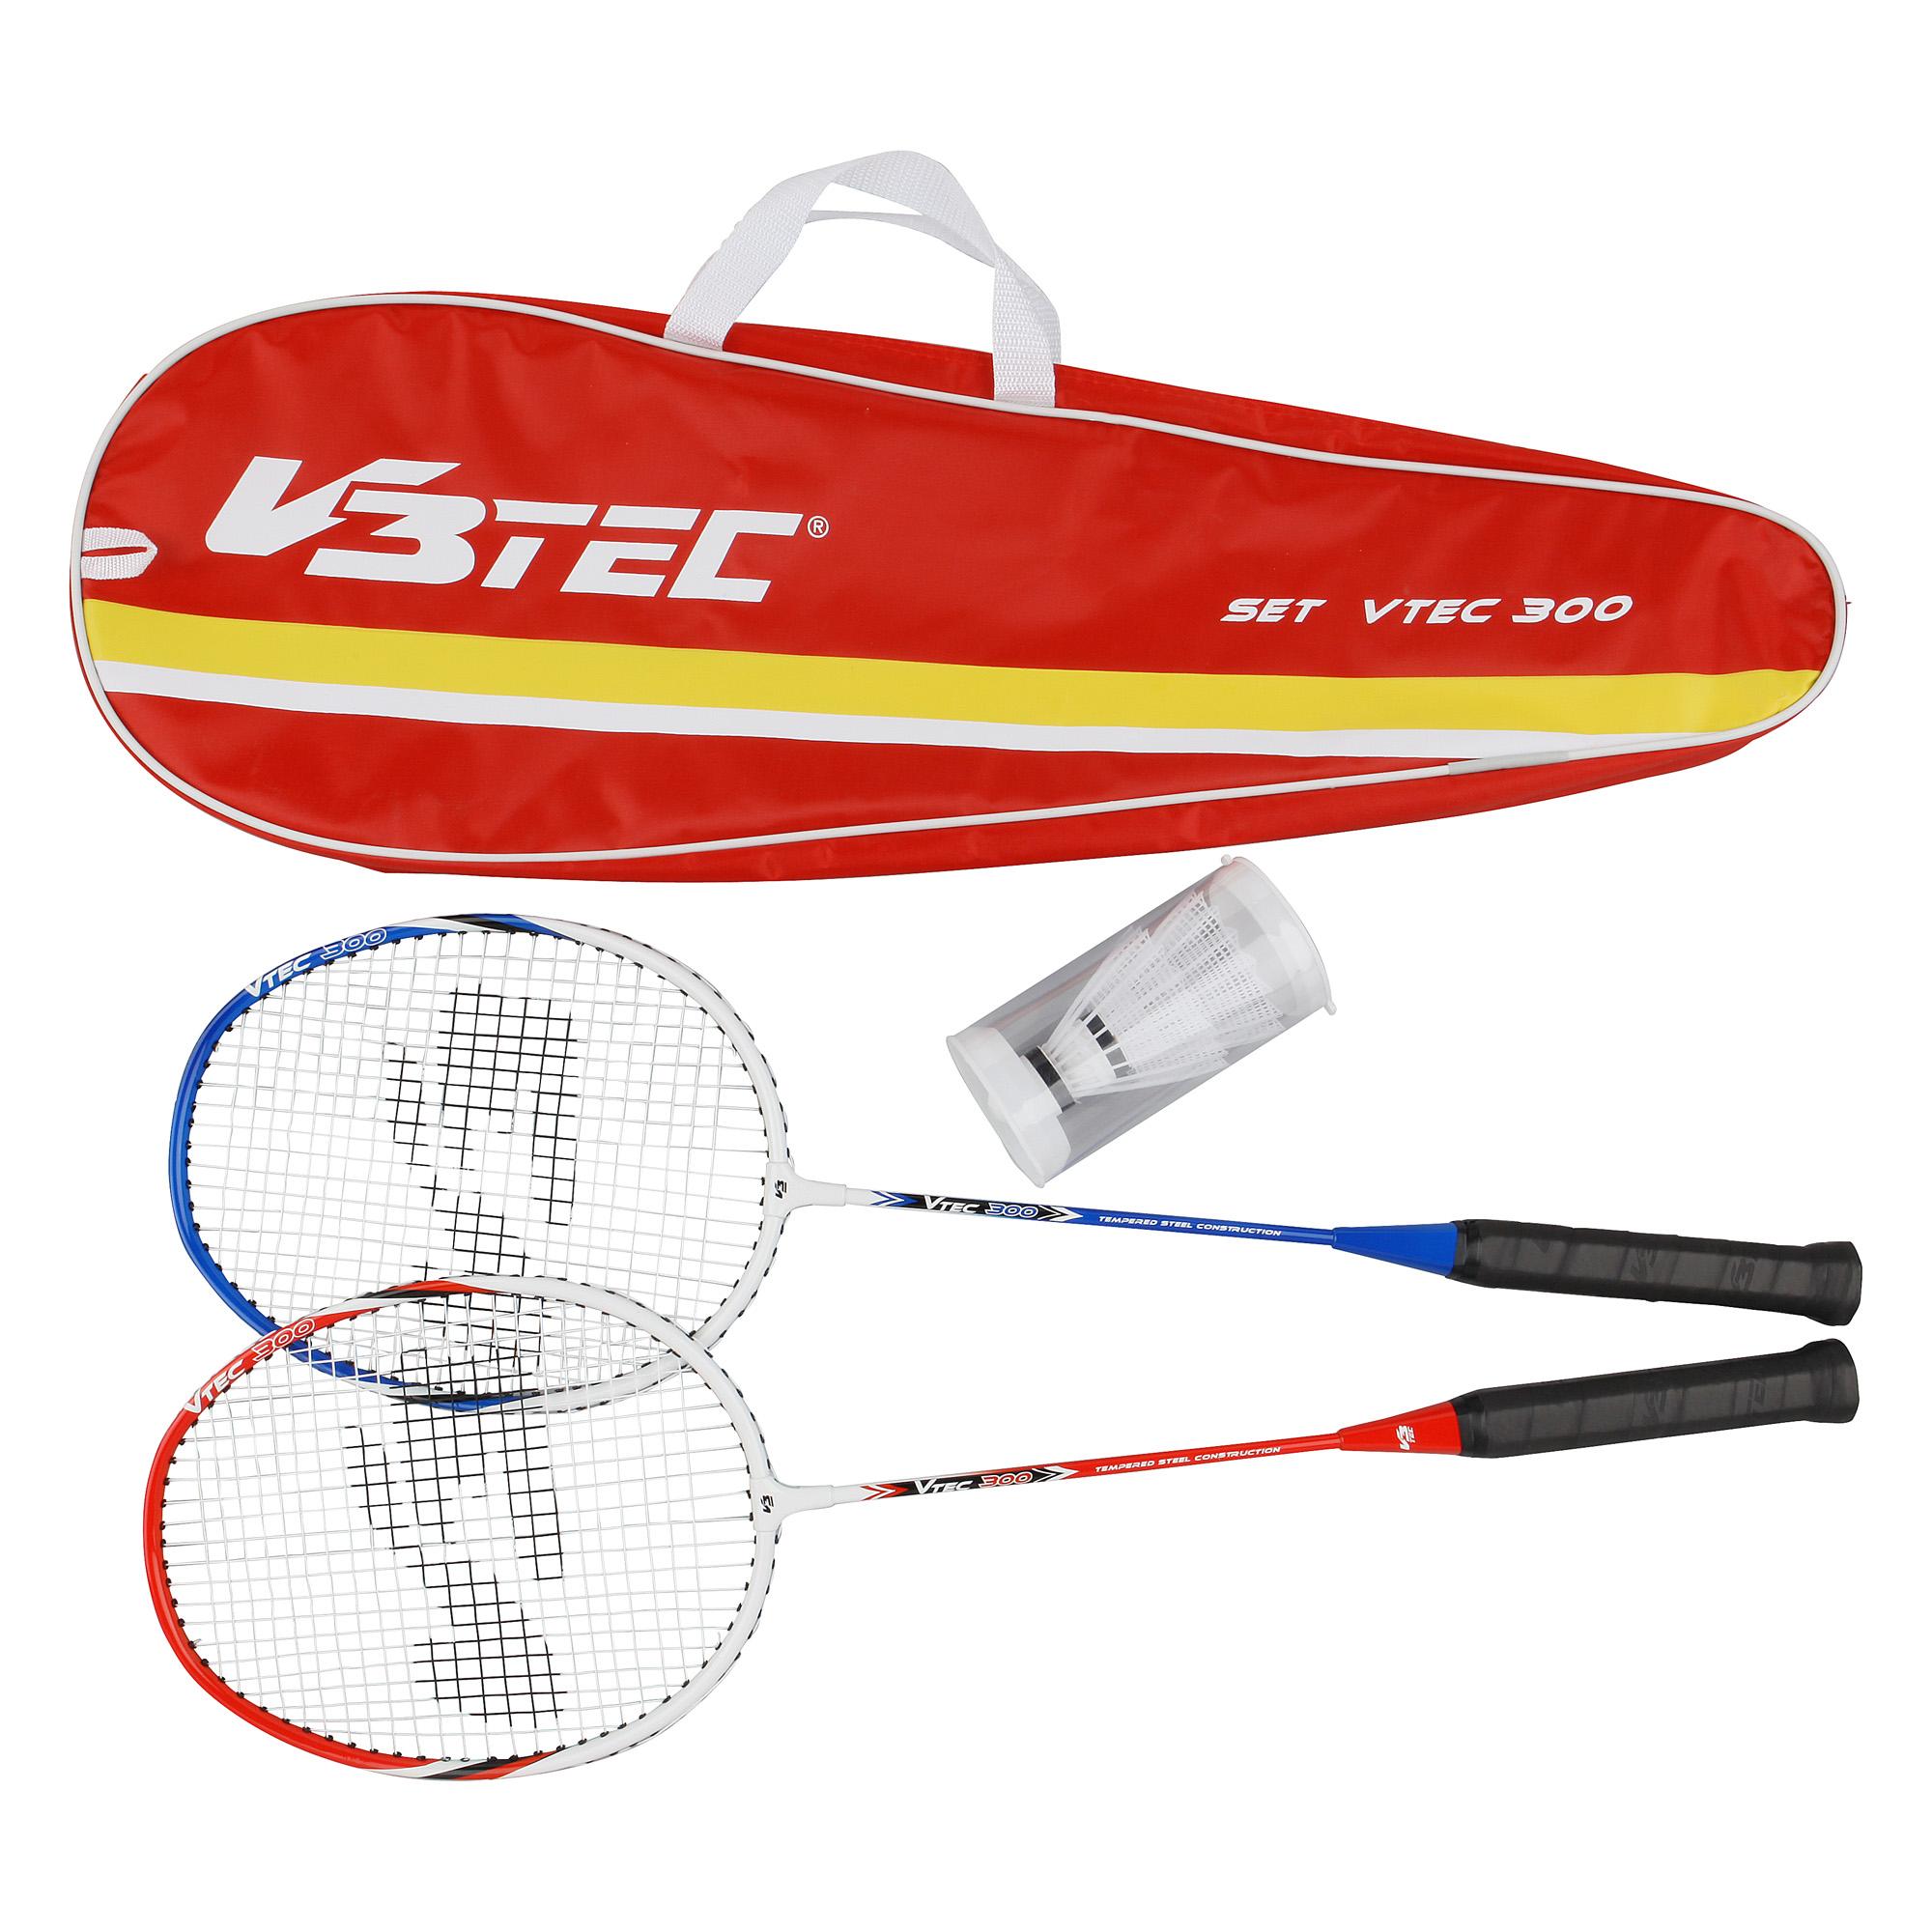 V3TEC Badminton Set 300 125242-9999